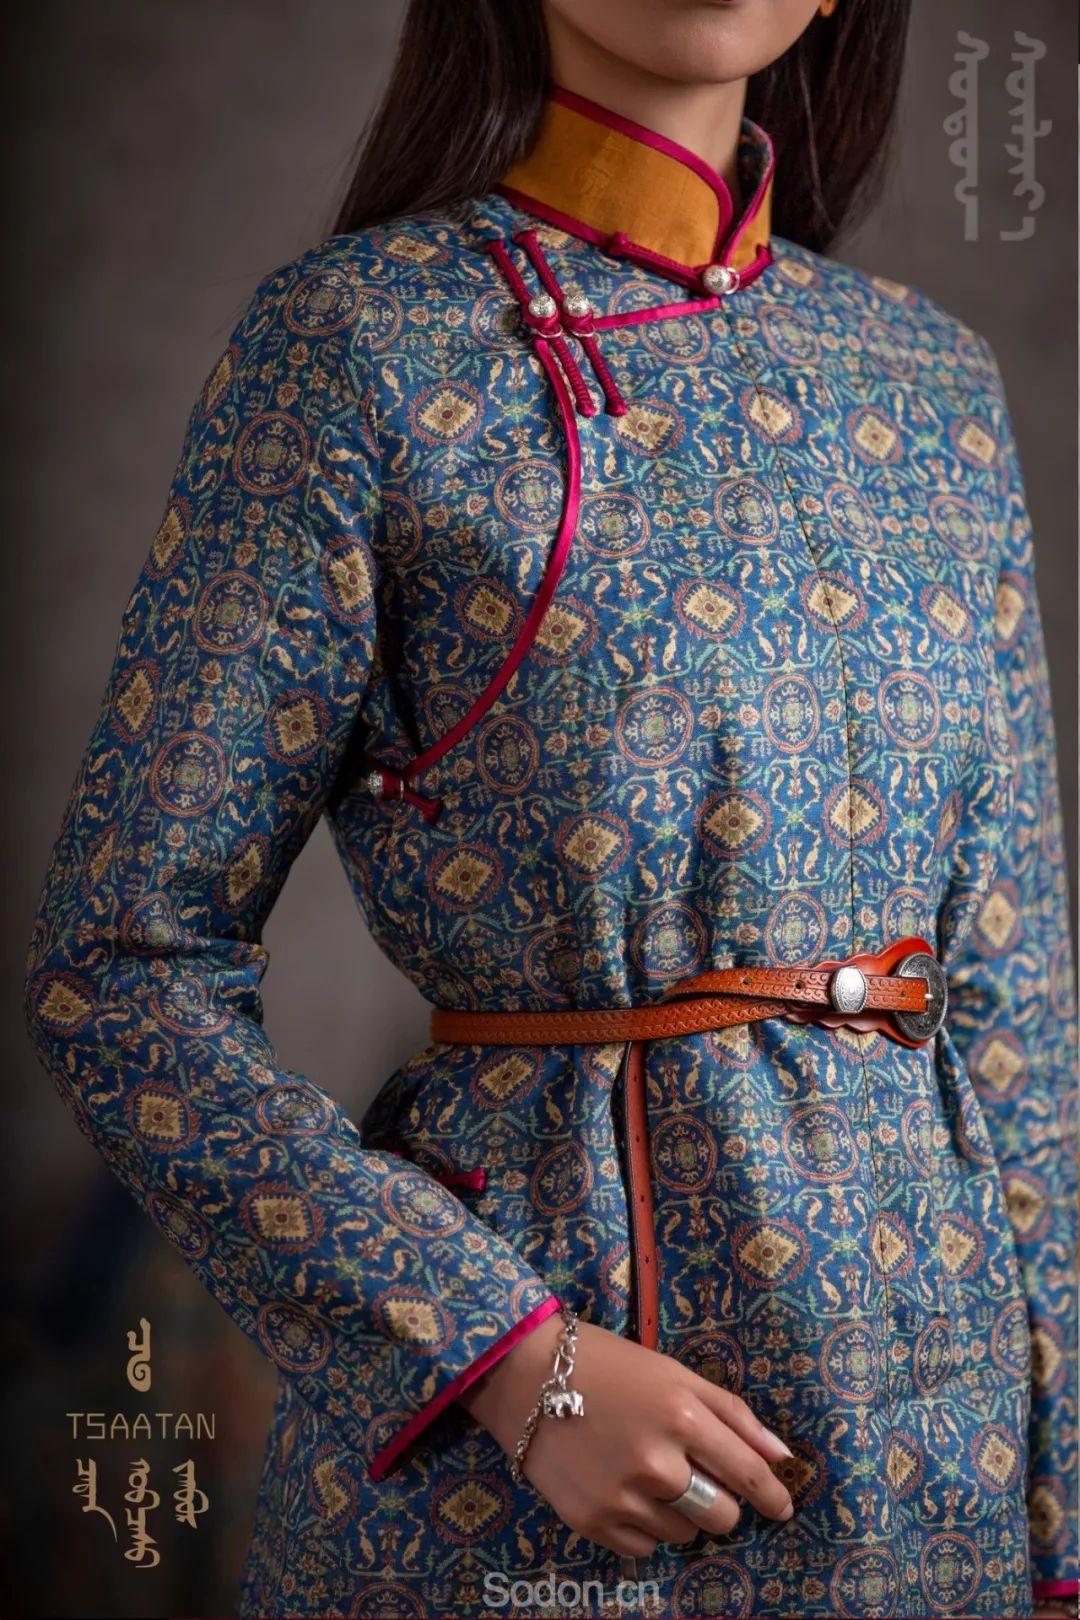 TSAATAN蒙古时装 2019新款,来自驯鹿人的独特魅力! 第22张